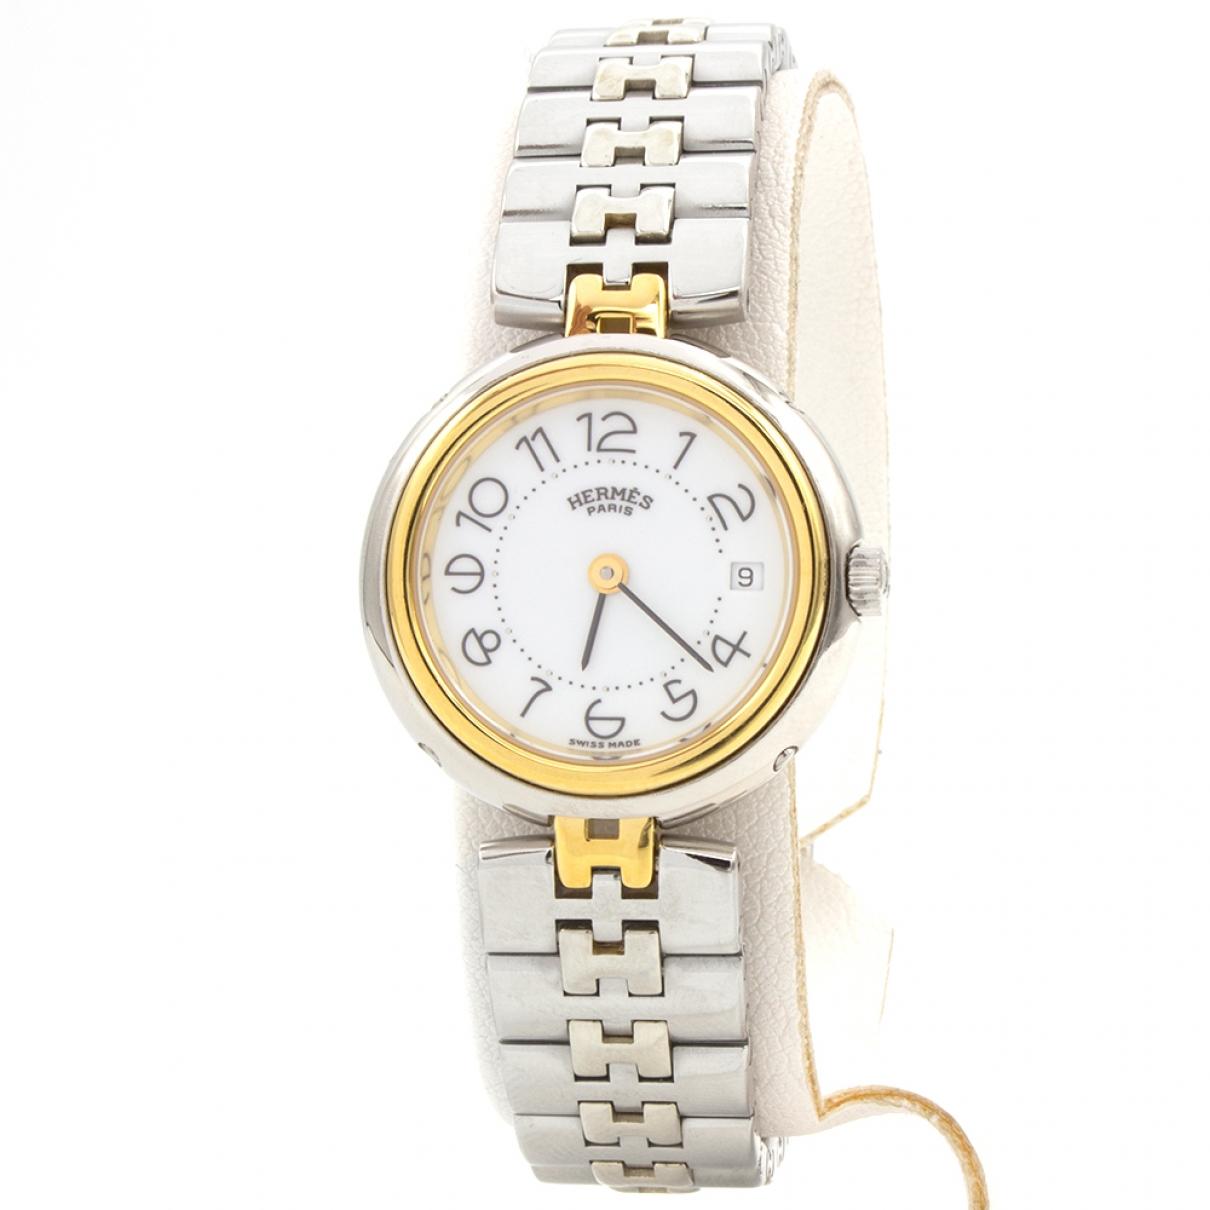 Hermes Clipper Uhr in  Gold Vergoldet